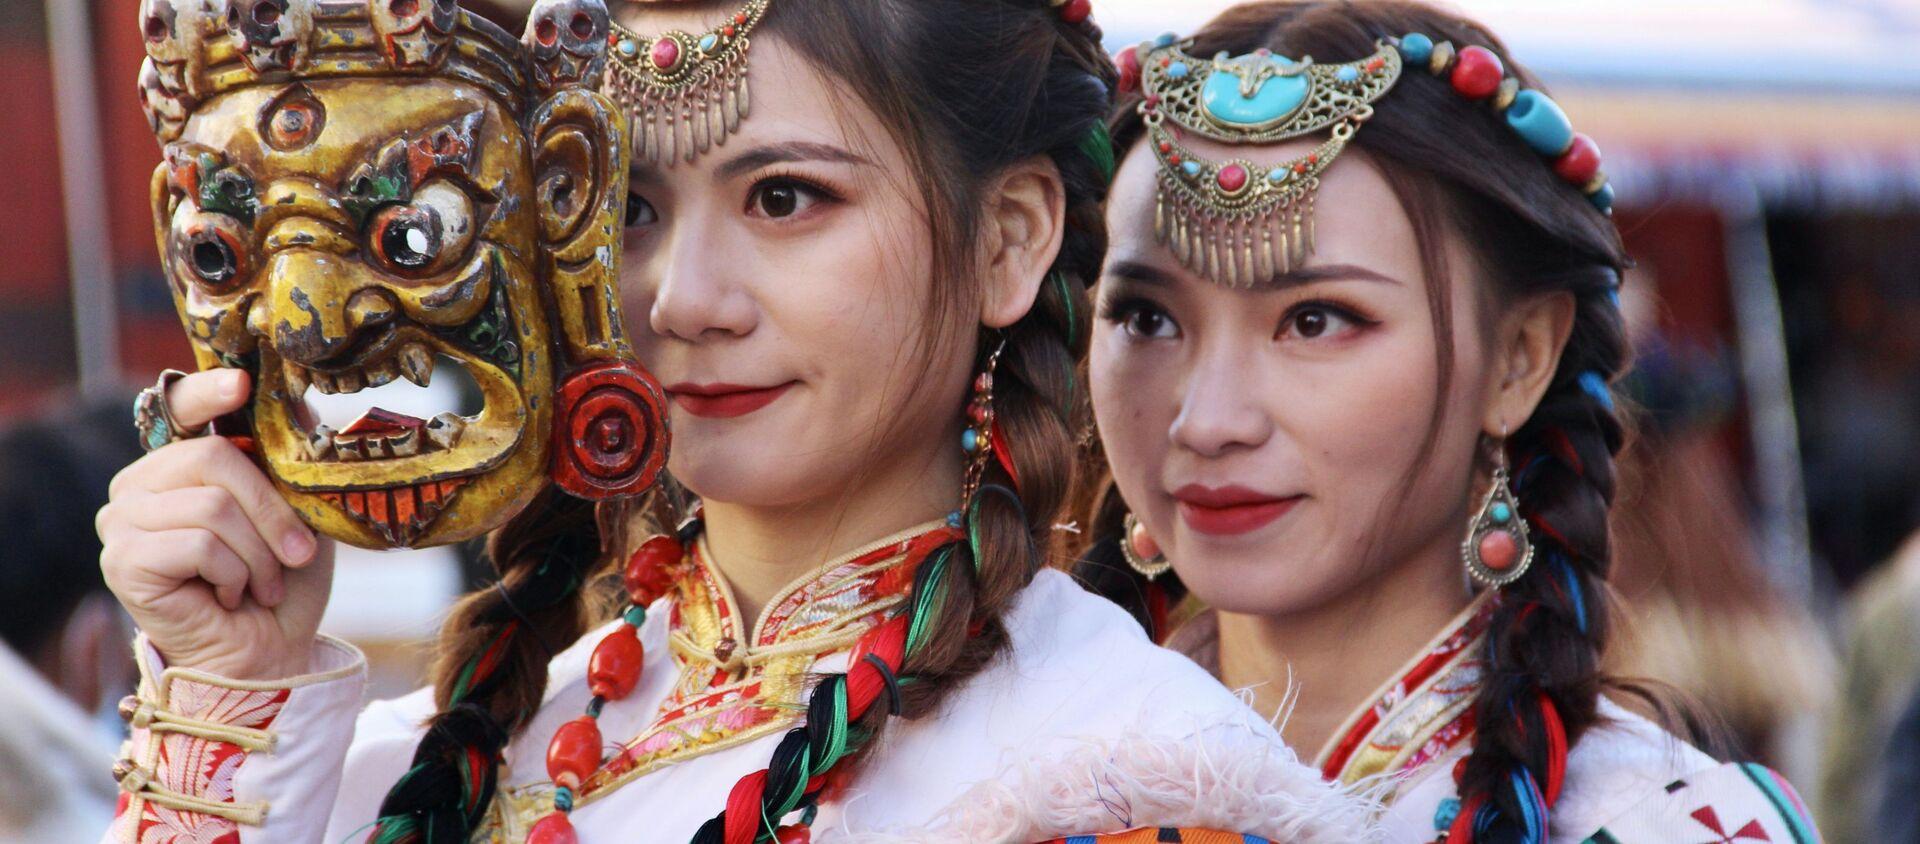 Tibet mimo dění covidu-19: Jak žijí Tibeťané uprostřed světové pandemie - Sputnik Česká republika, 1920, 09.02.2021